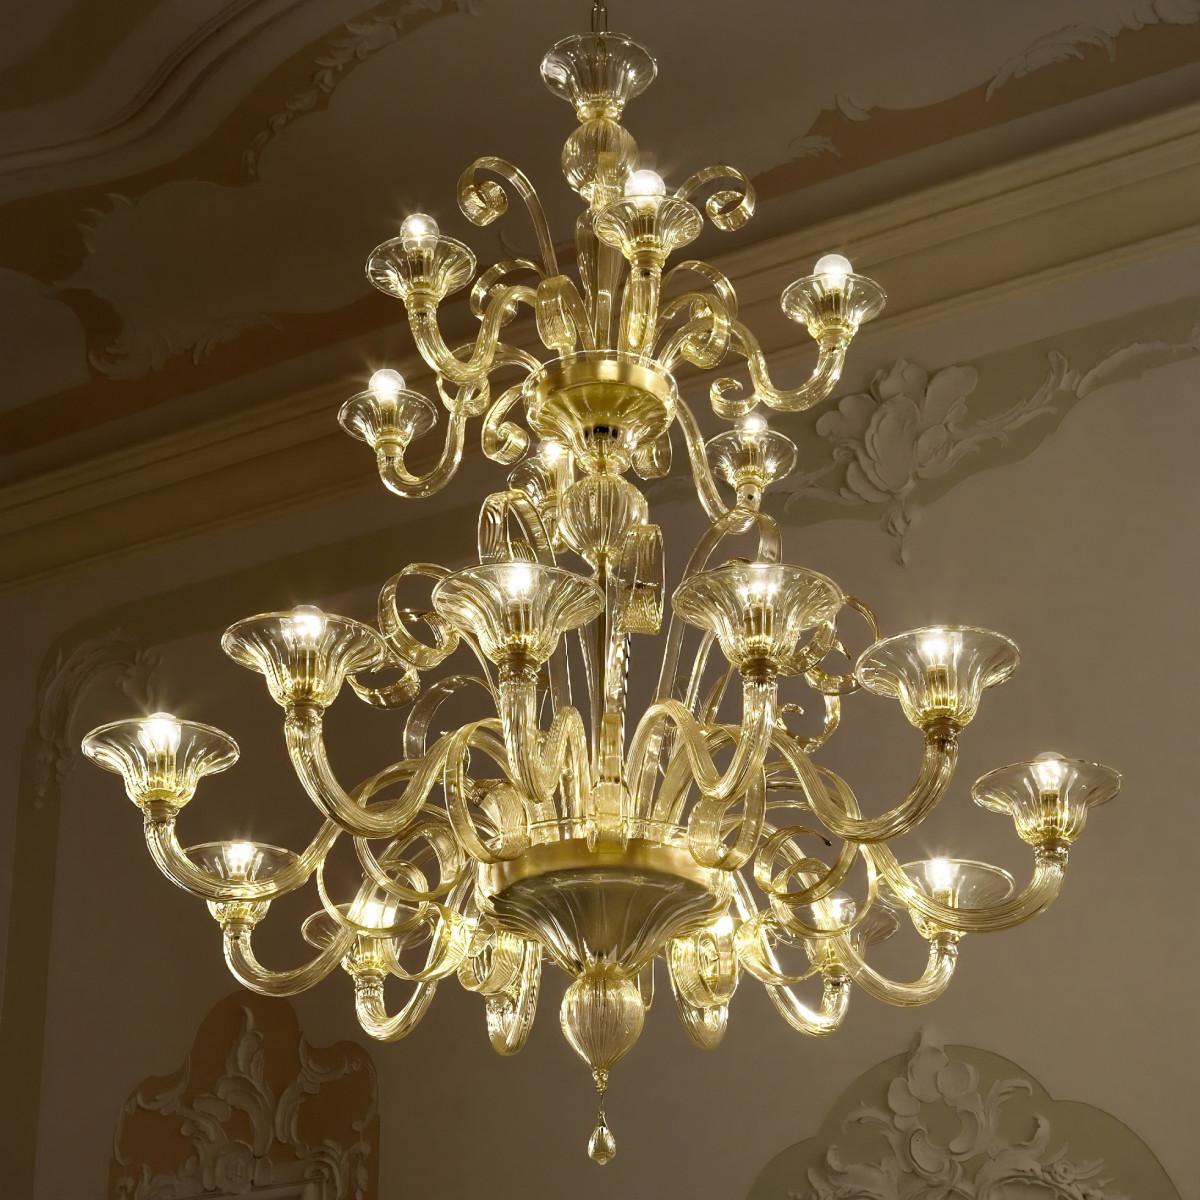 Goldoni zweistufige 12+6 flammig Murano Kronleuchter - bernstein farbe